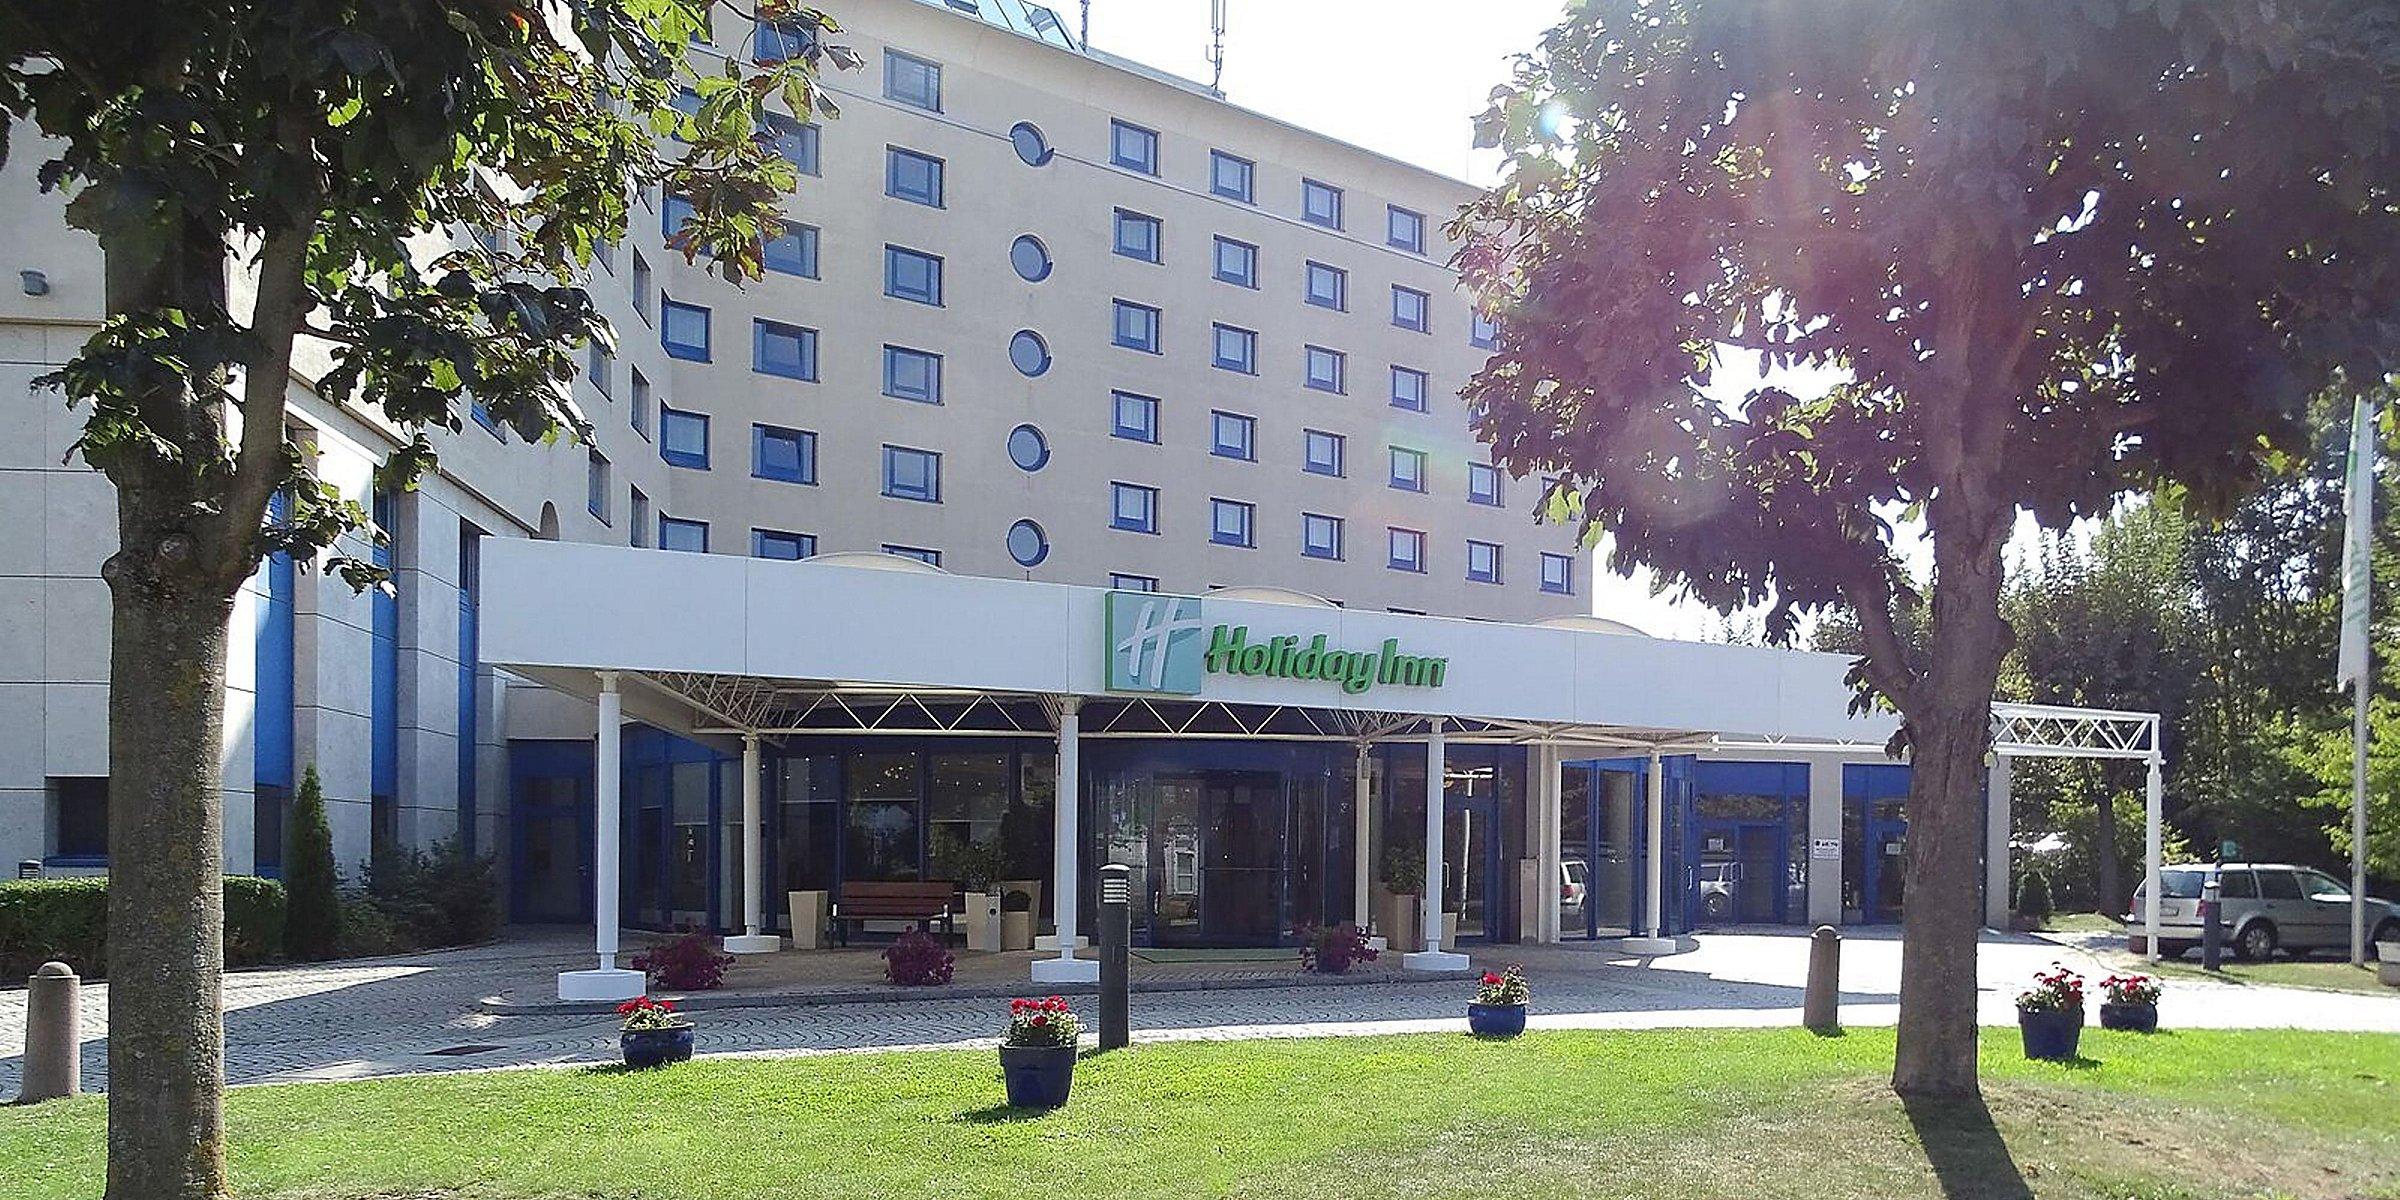 Hotels in Weilimdorf, Stuttgart | Holiday Inn Stuttgart